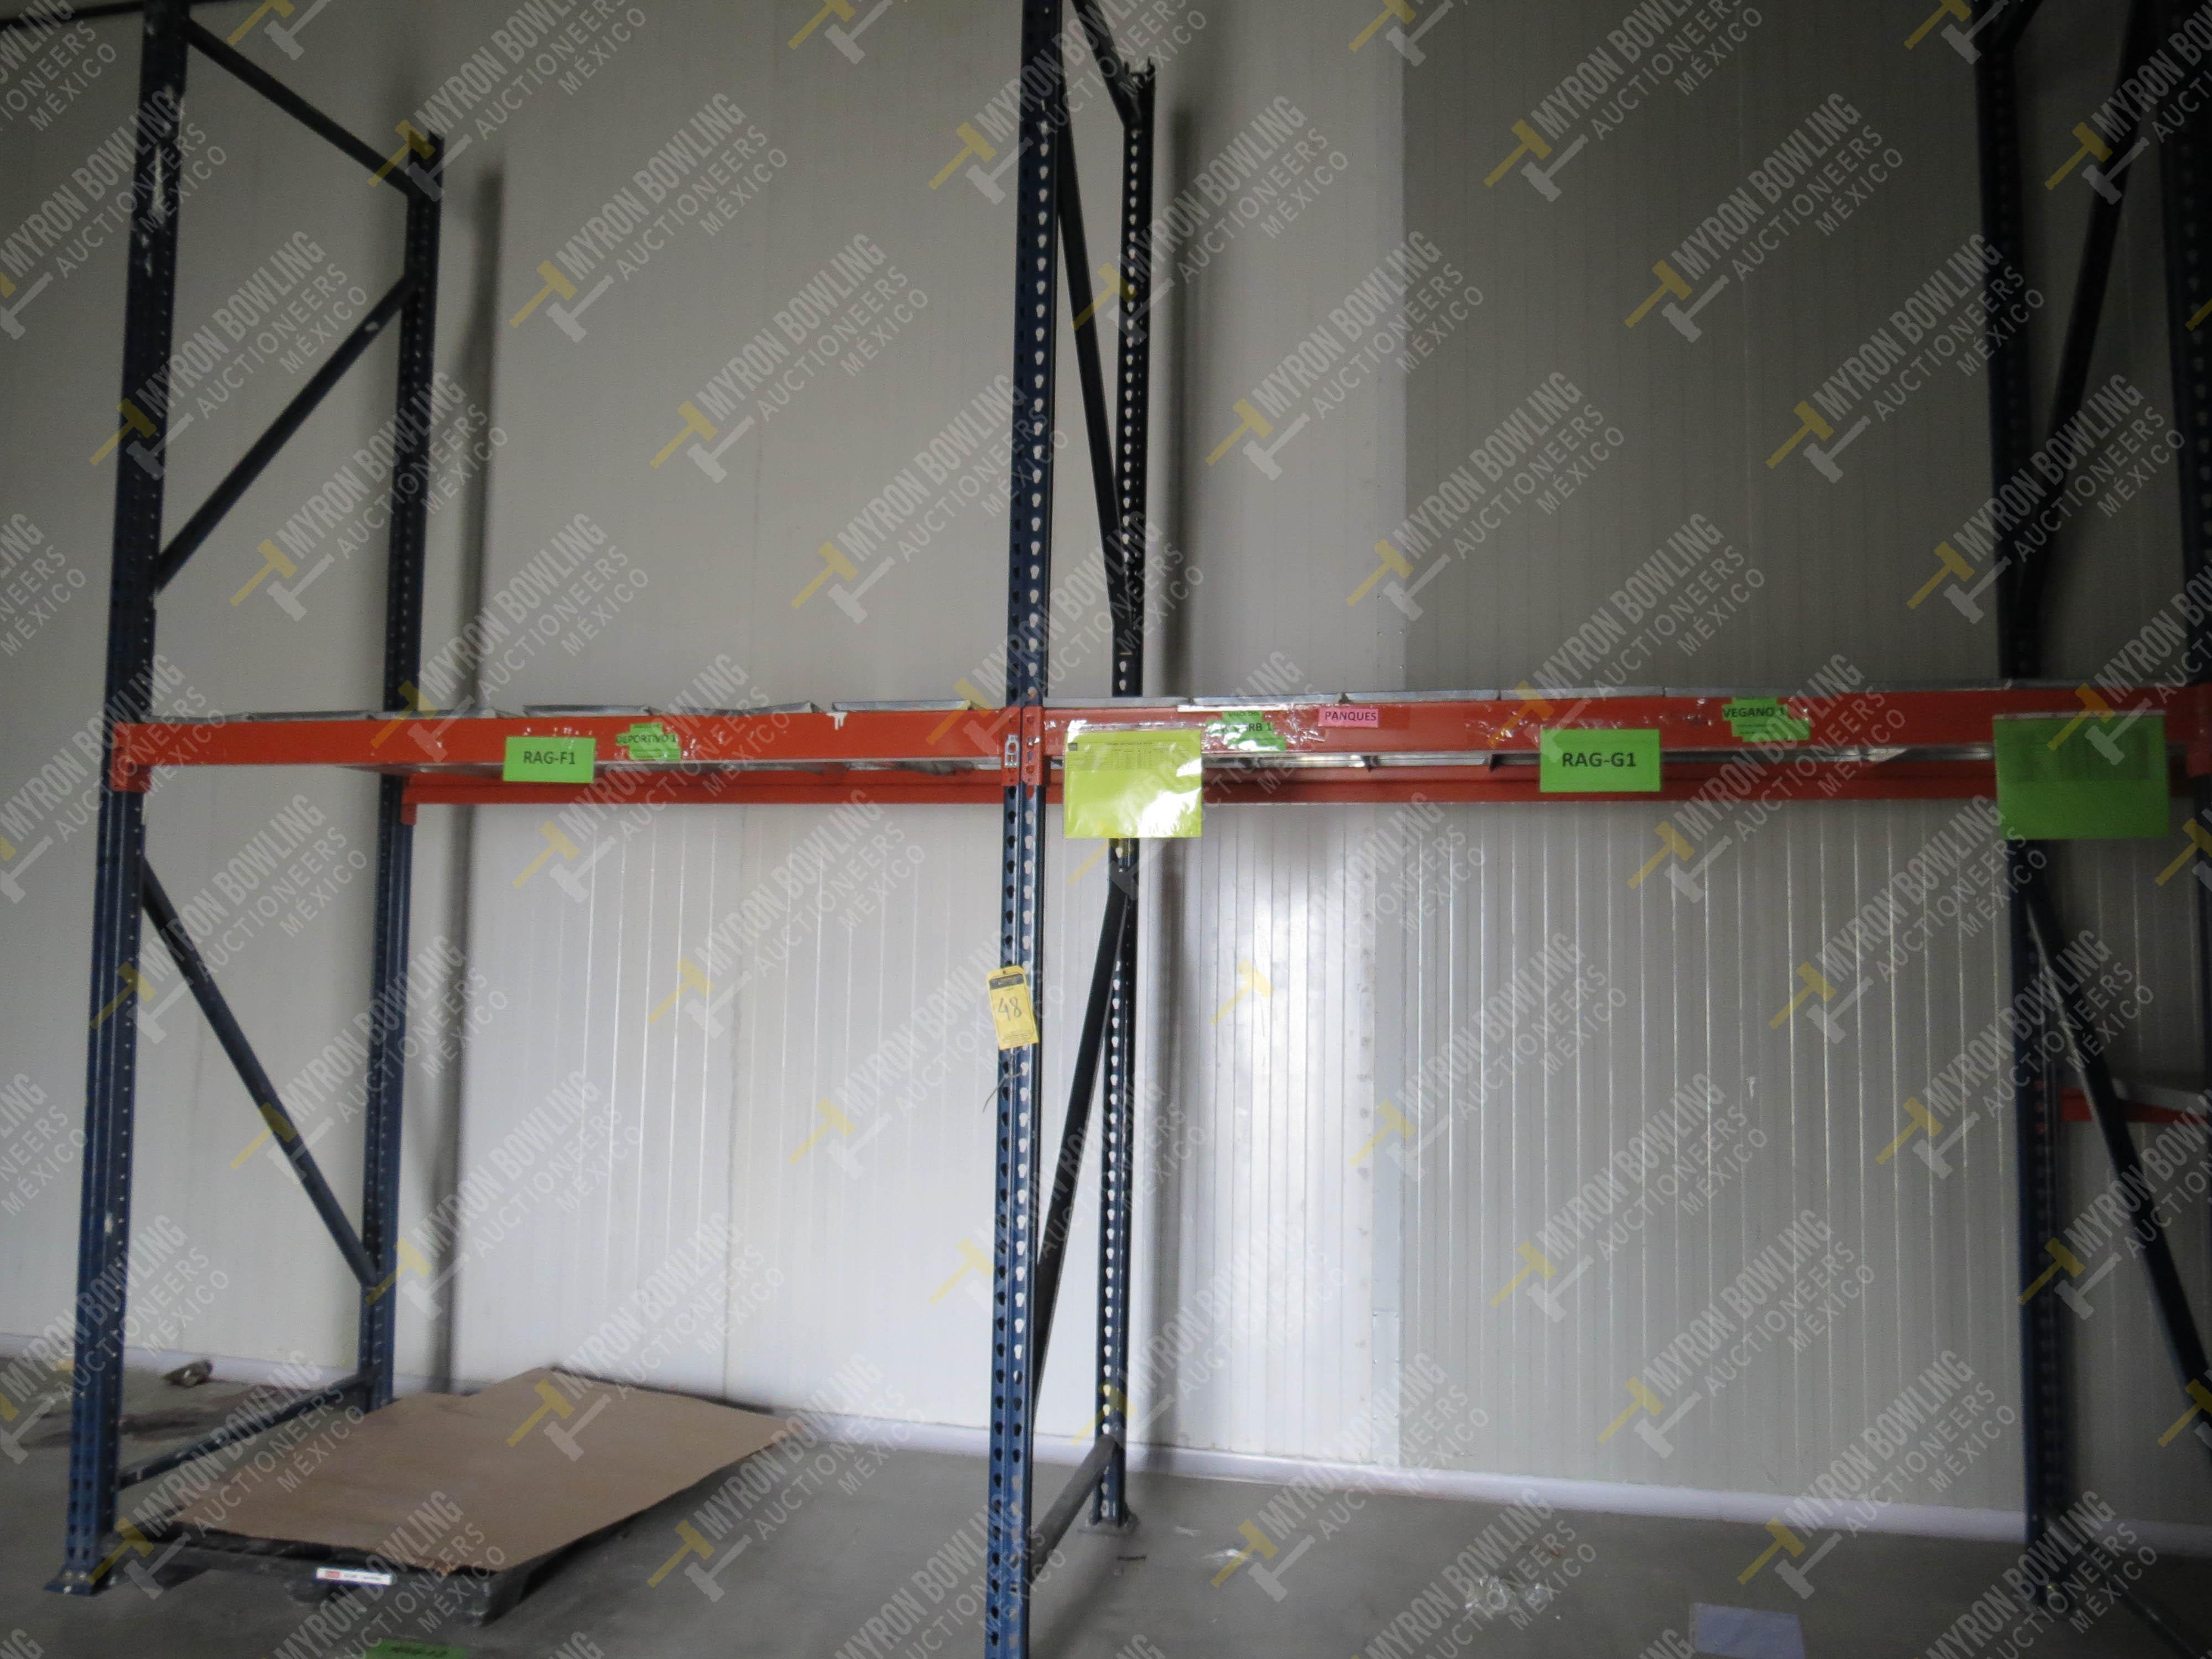 Rack de carga de 9 postes de 1.07 x 4 con 20 travesaños de 2.20 m, se incluye un poste … - Image 5 of 5